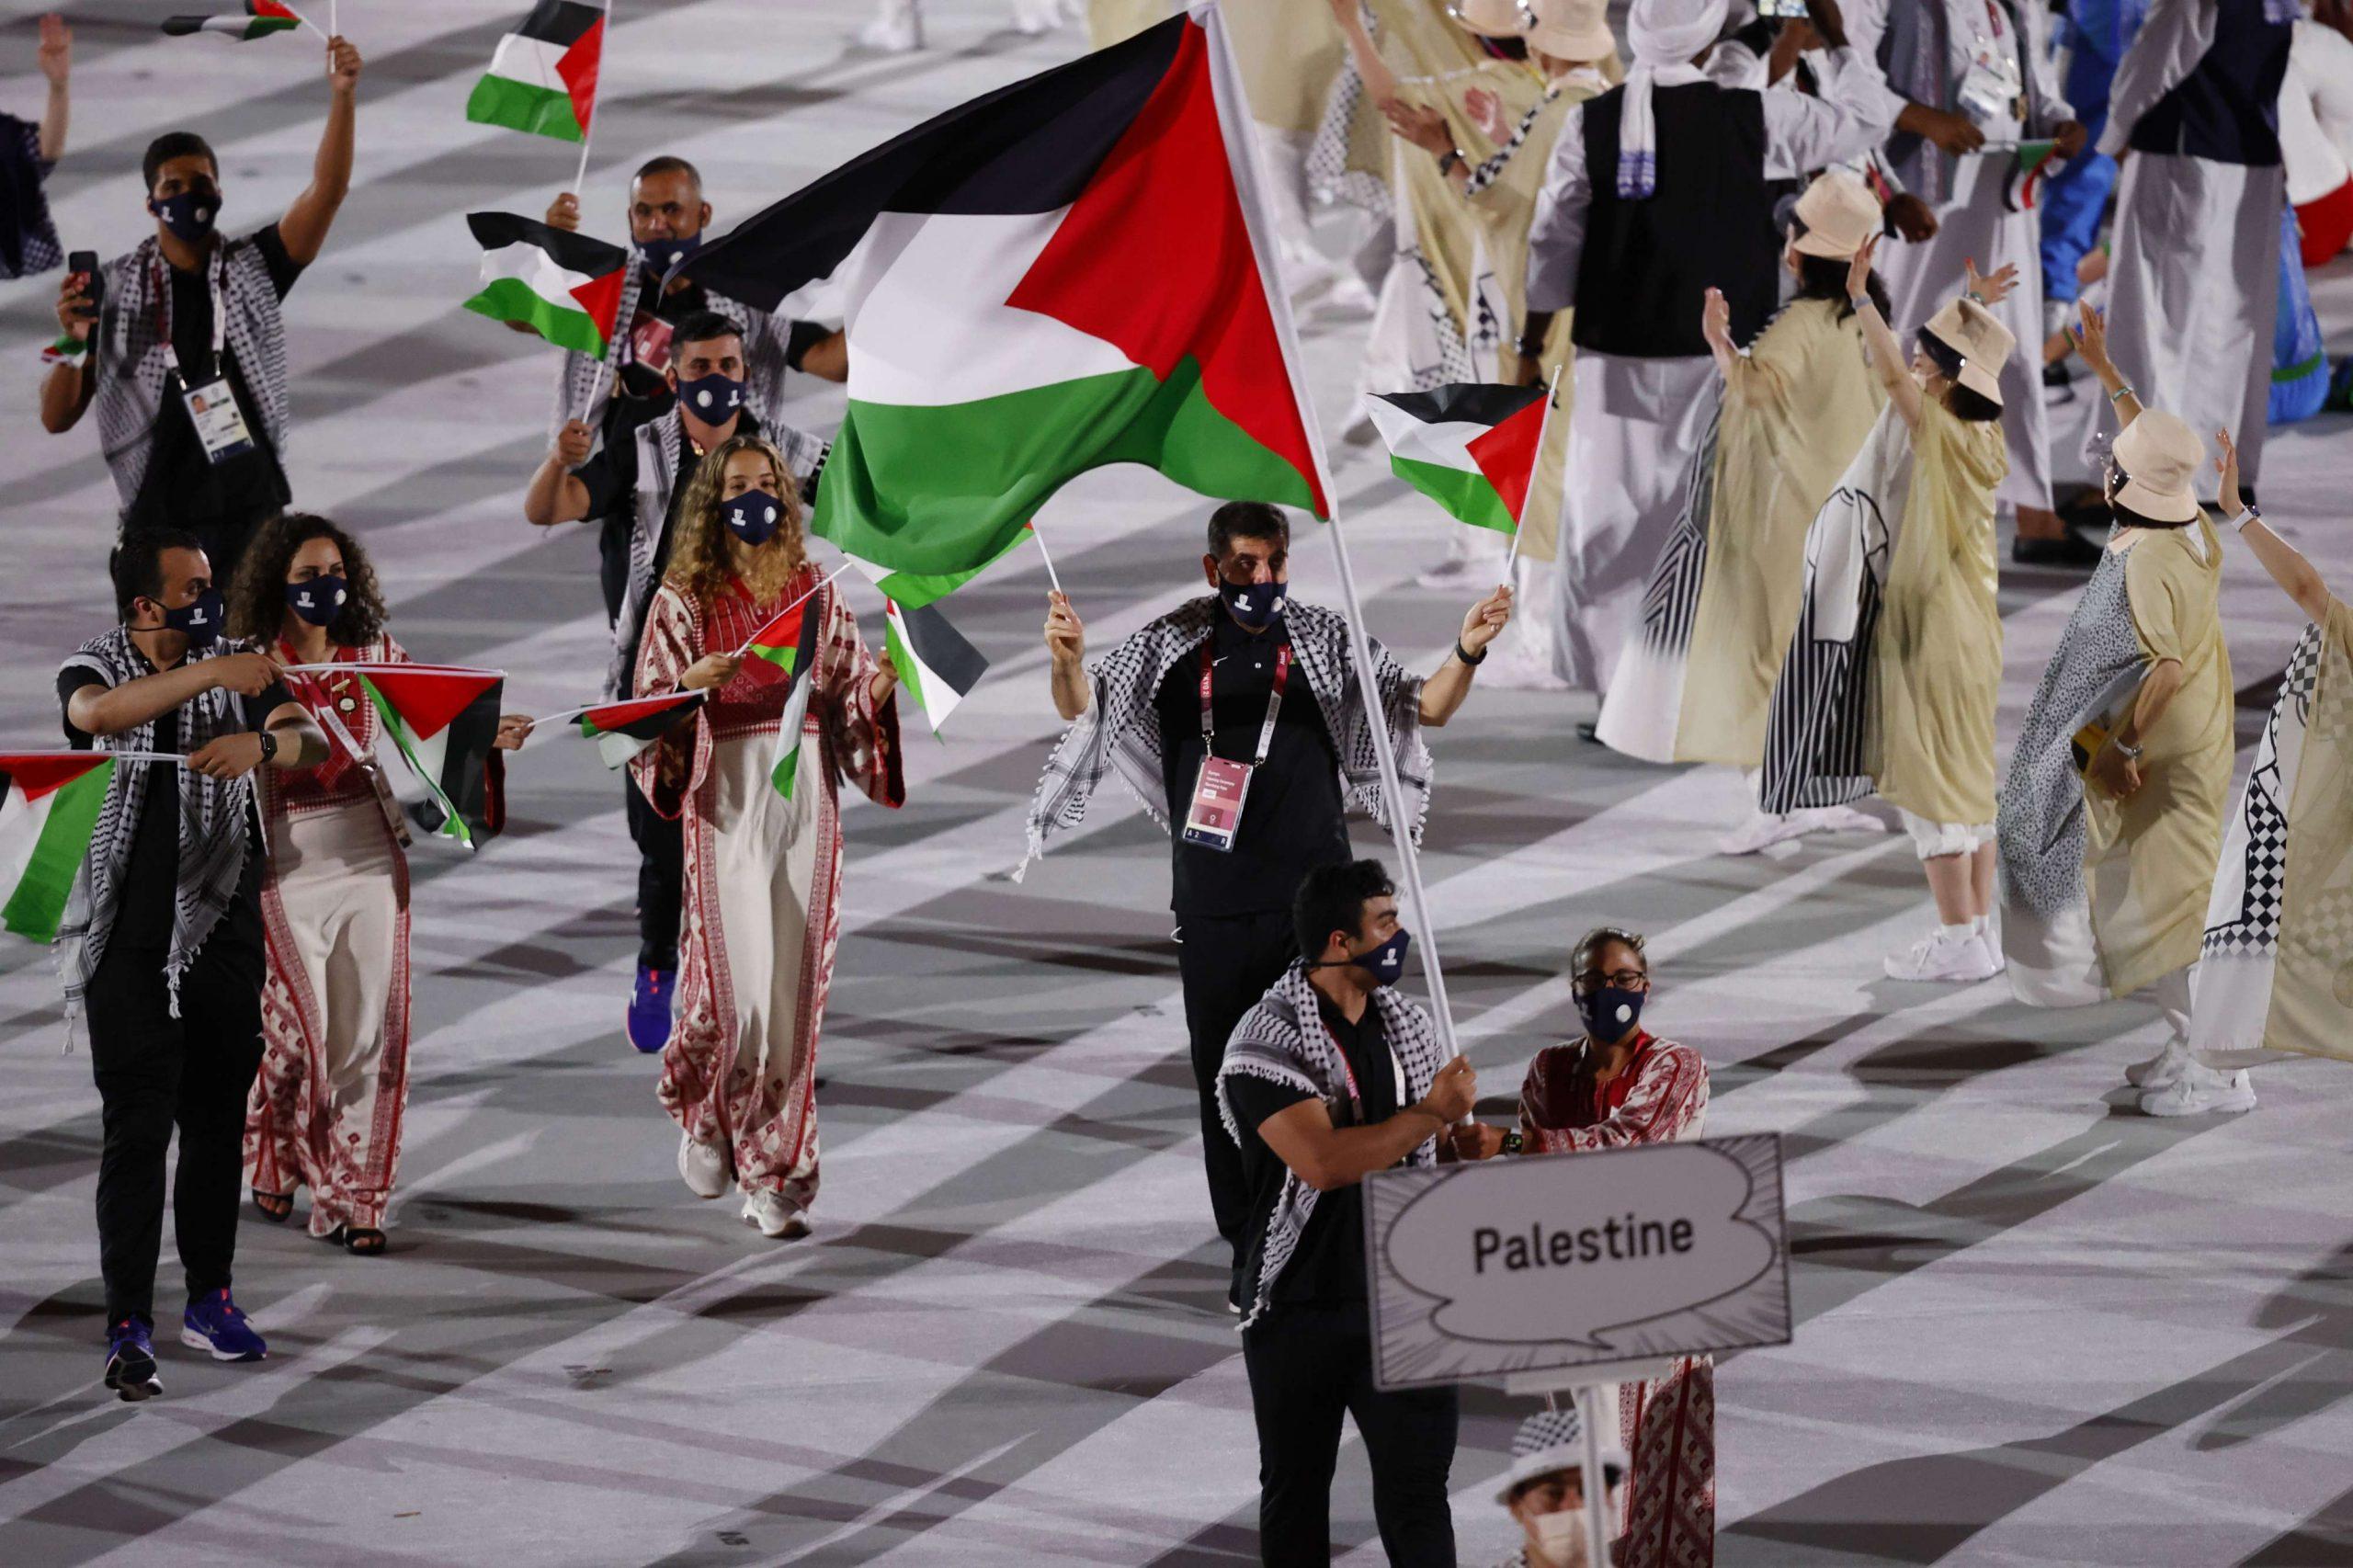 خريطة فلسطين في أولمبياد طوكيو تثير غضبا واسعا